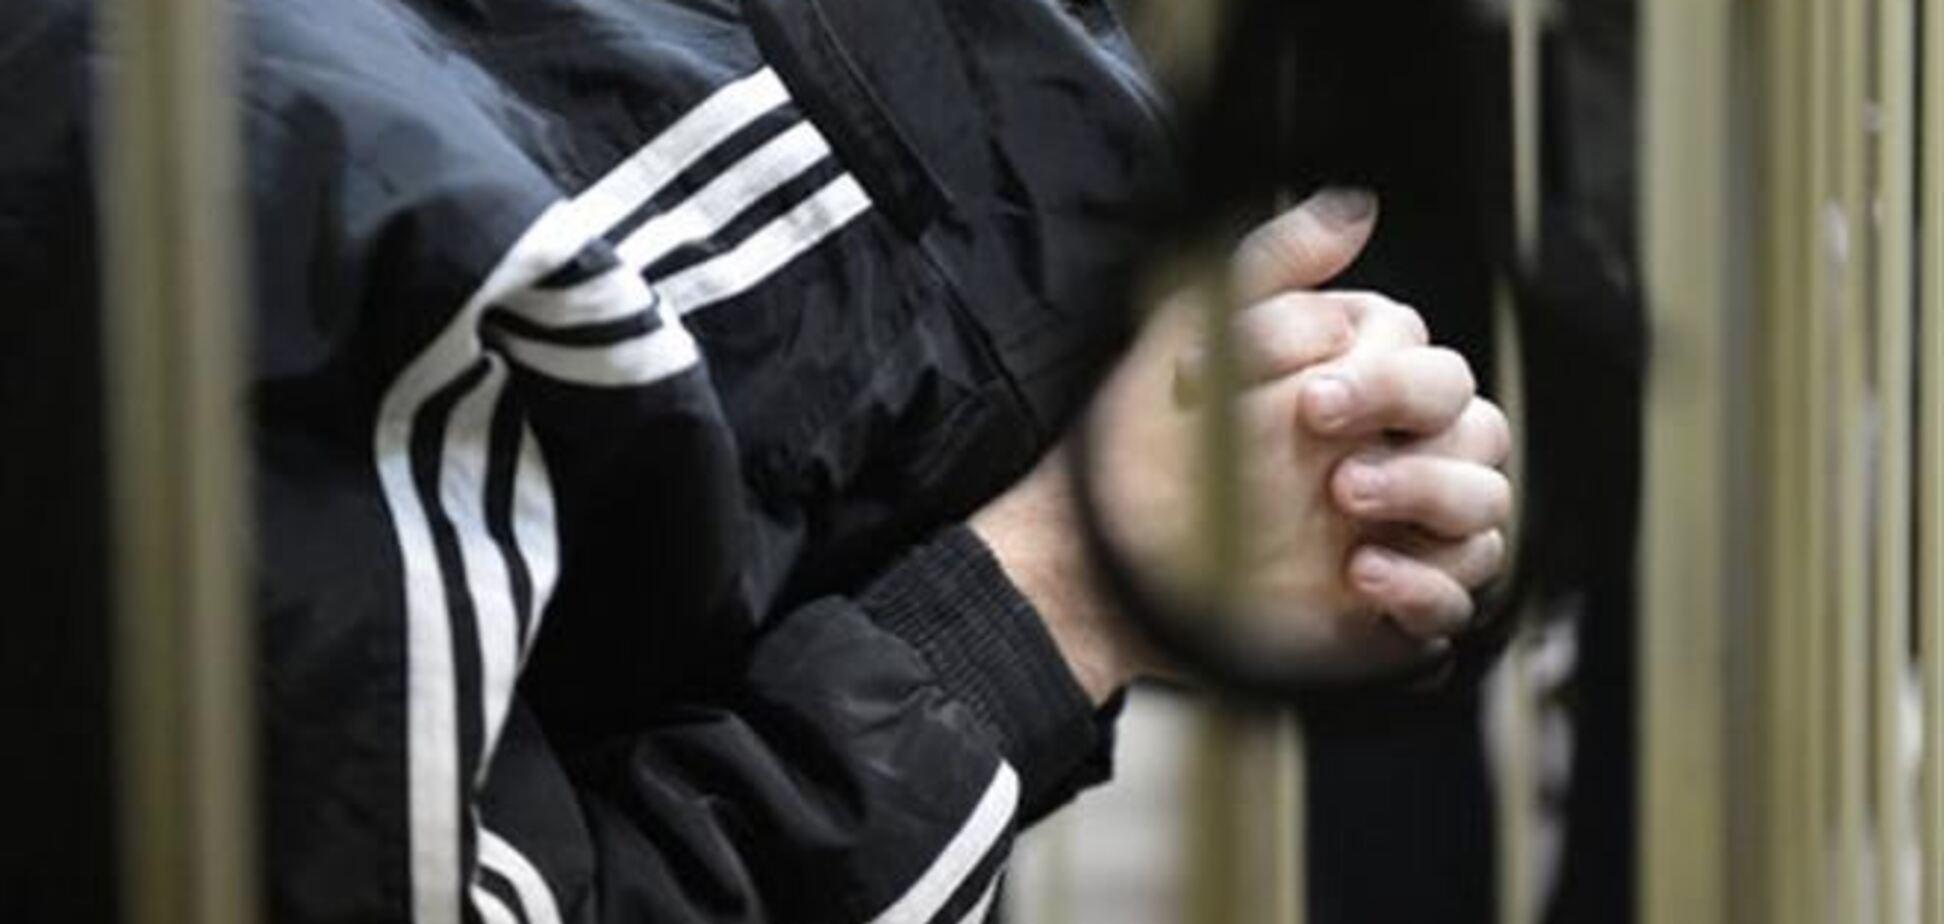 Суд арестовал зачинщиков кровавой бойни на дискотеке под Запорожьем